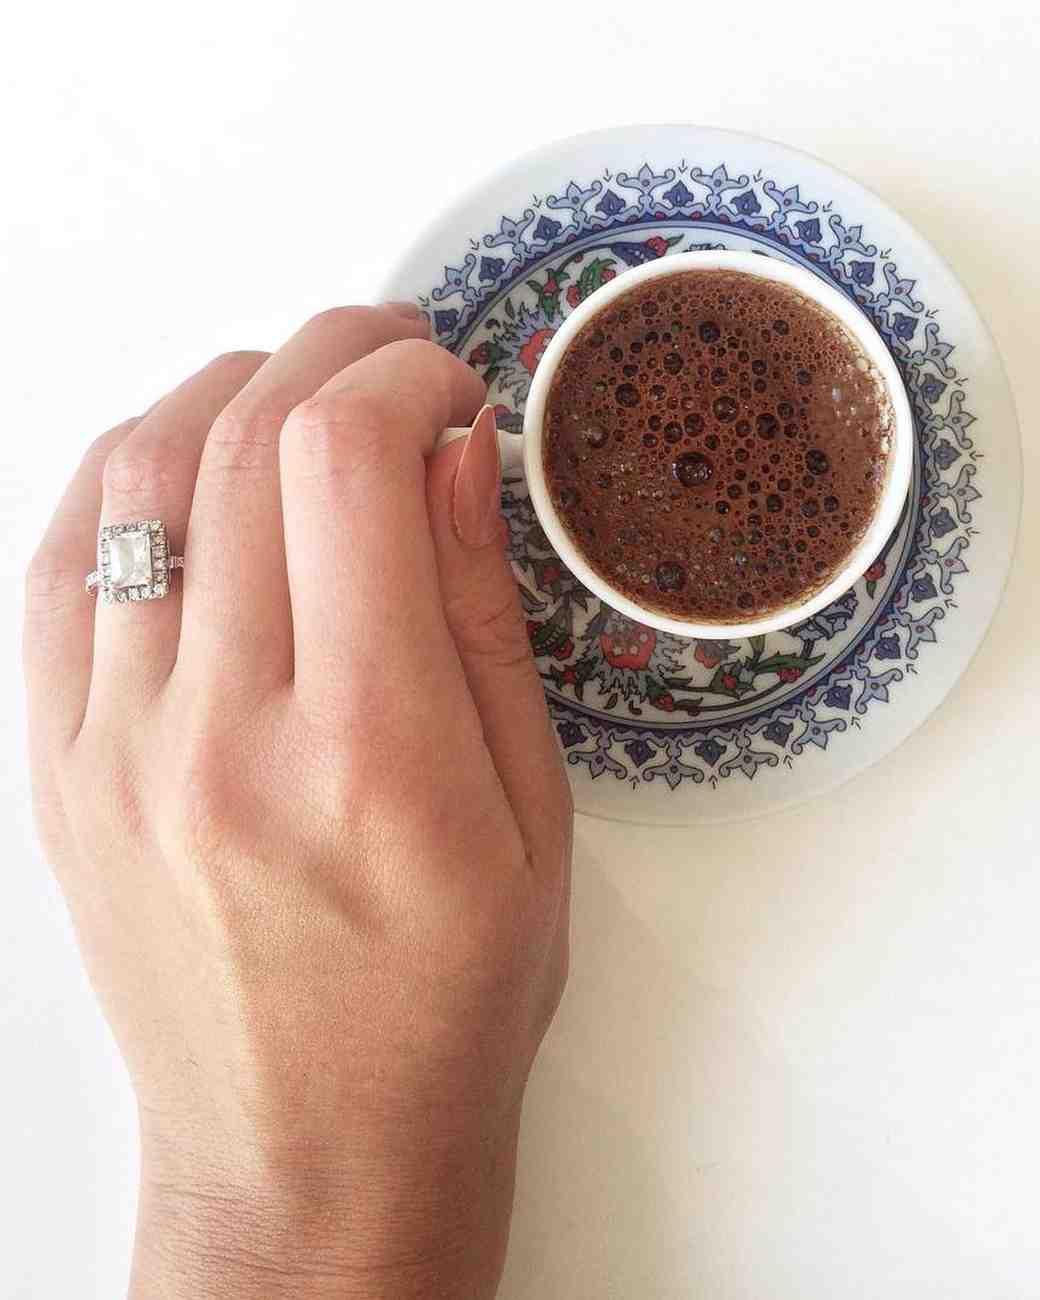 engagement-ring-selfies-coffee-cup-0216.jpg